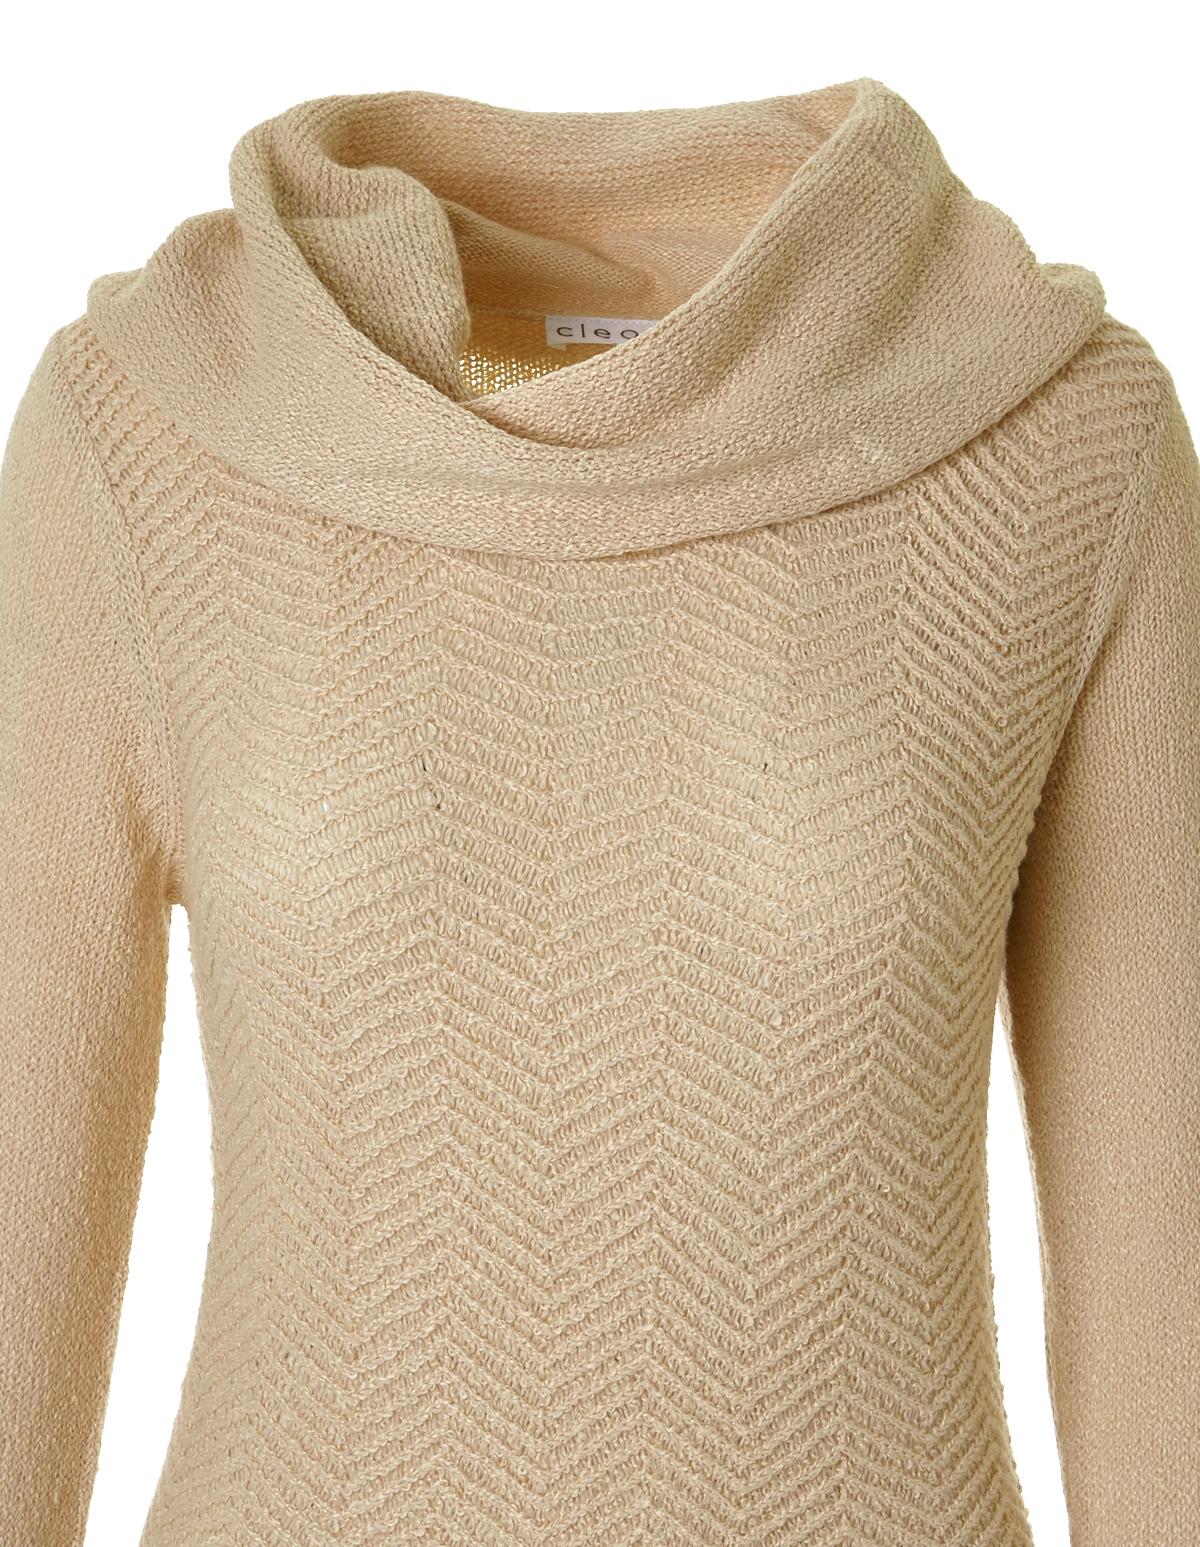 Zig Zag Knit Cowl Sweater Cleo